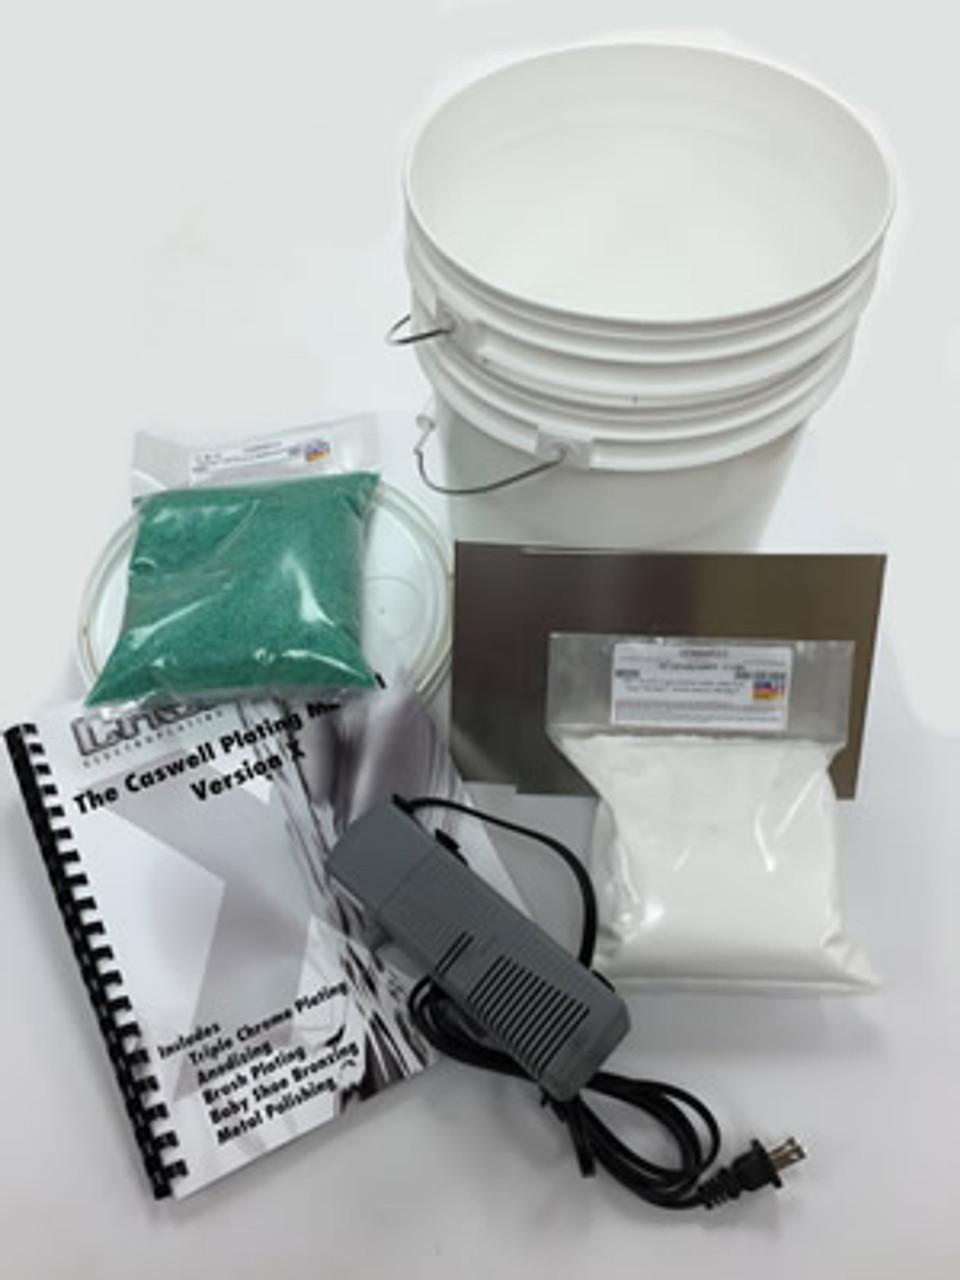 Nickel Electroplating Kit - 1.5 Gal